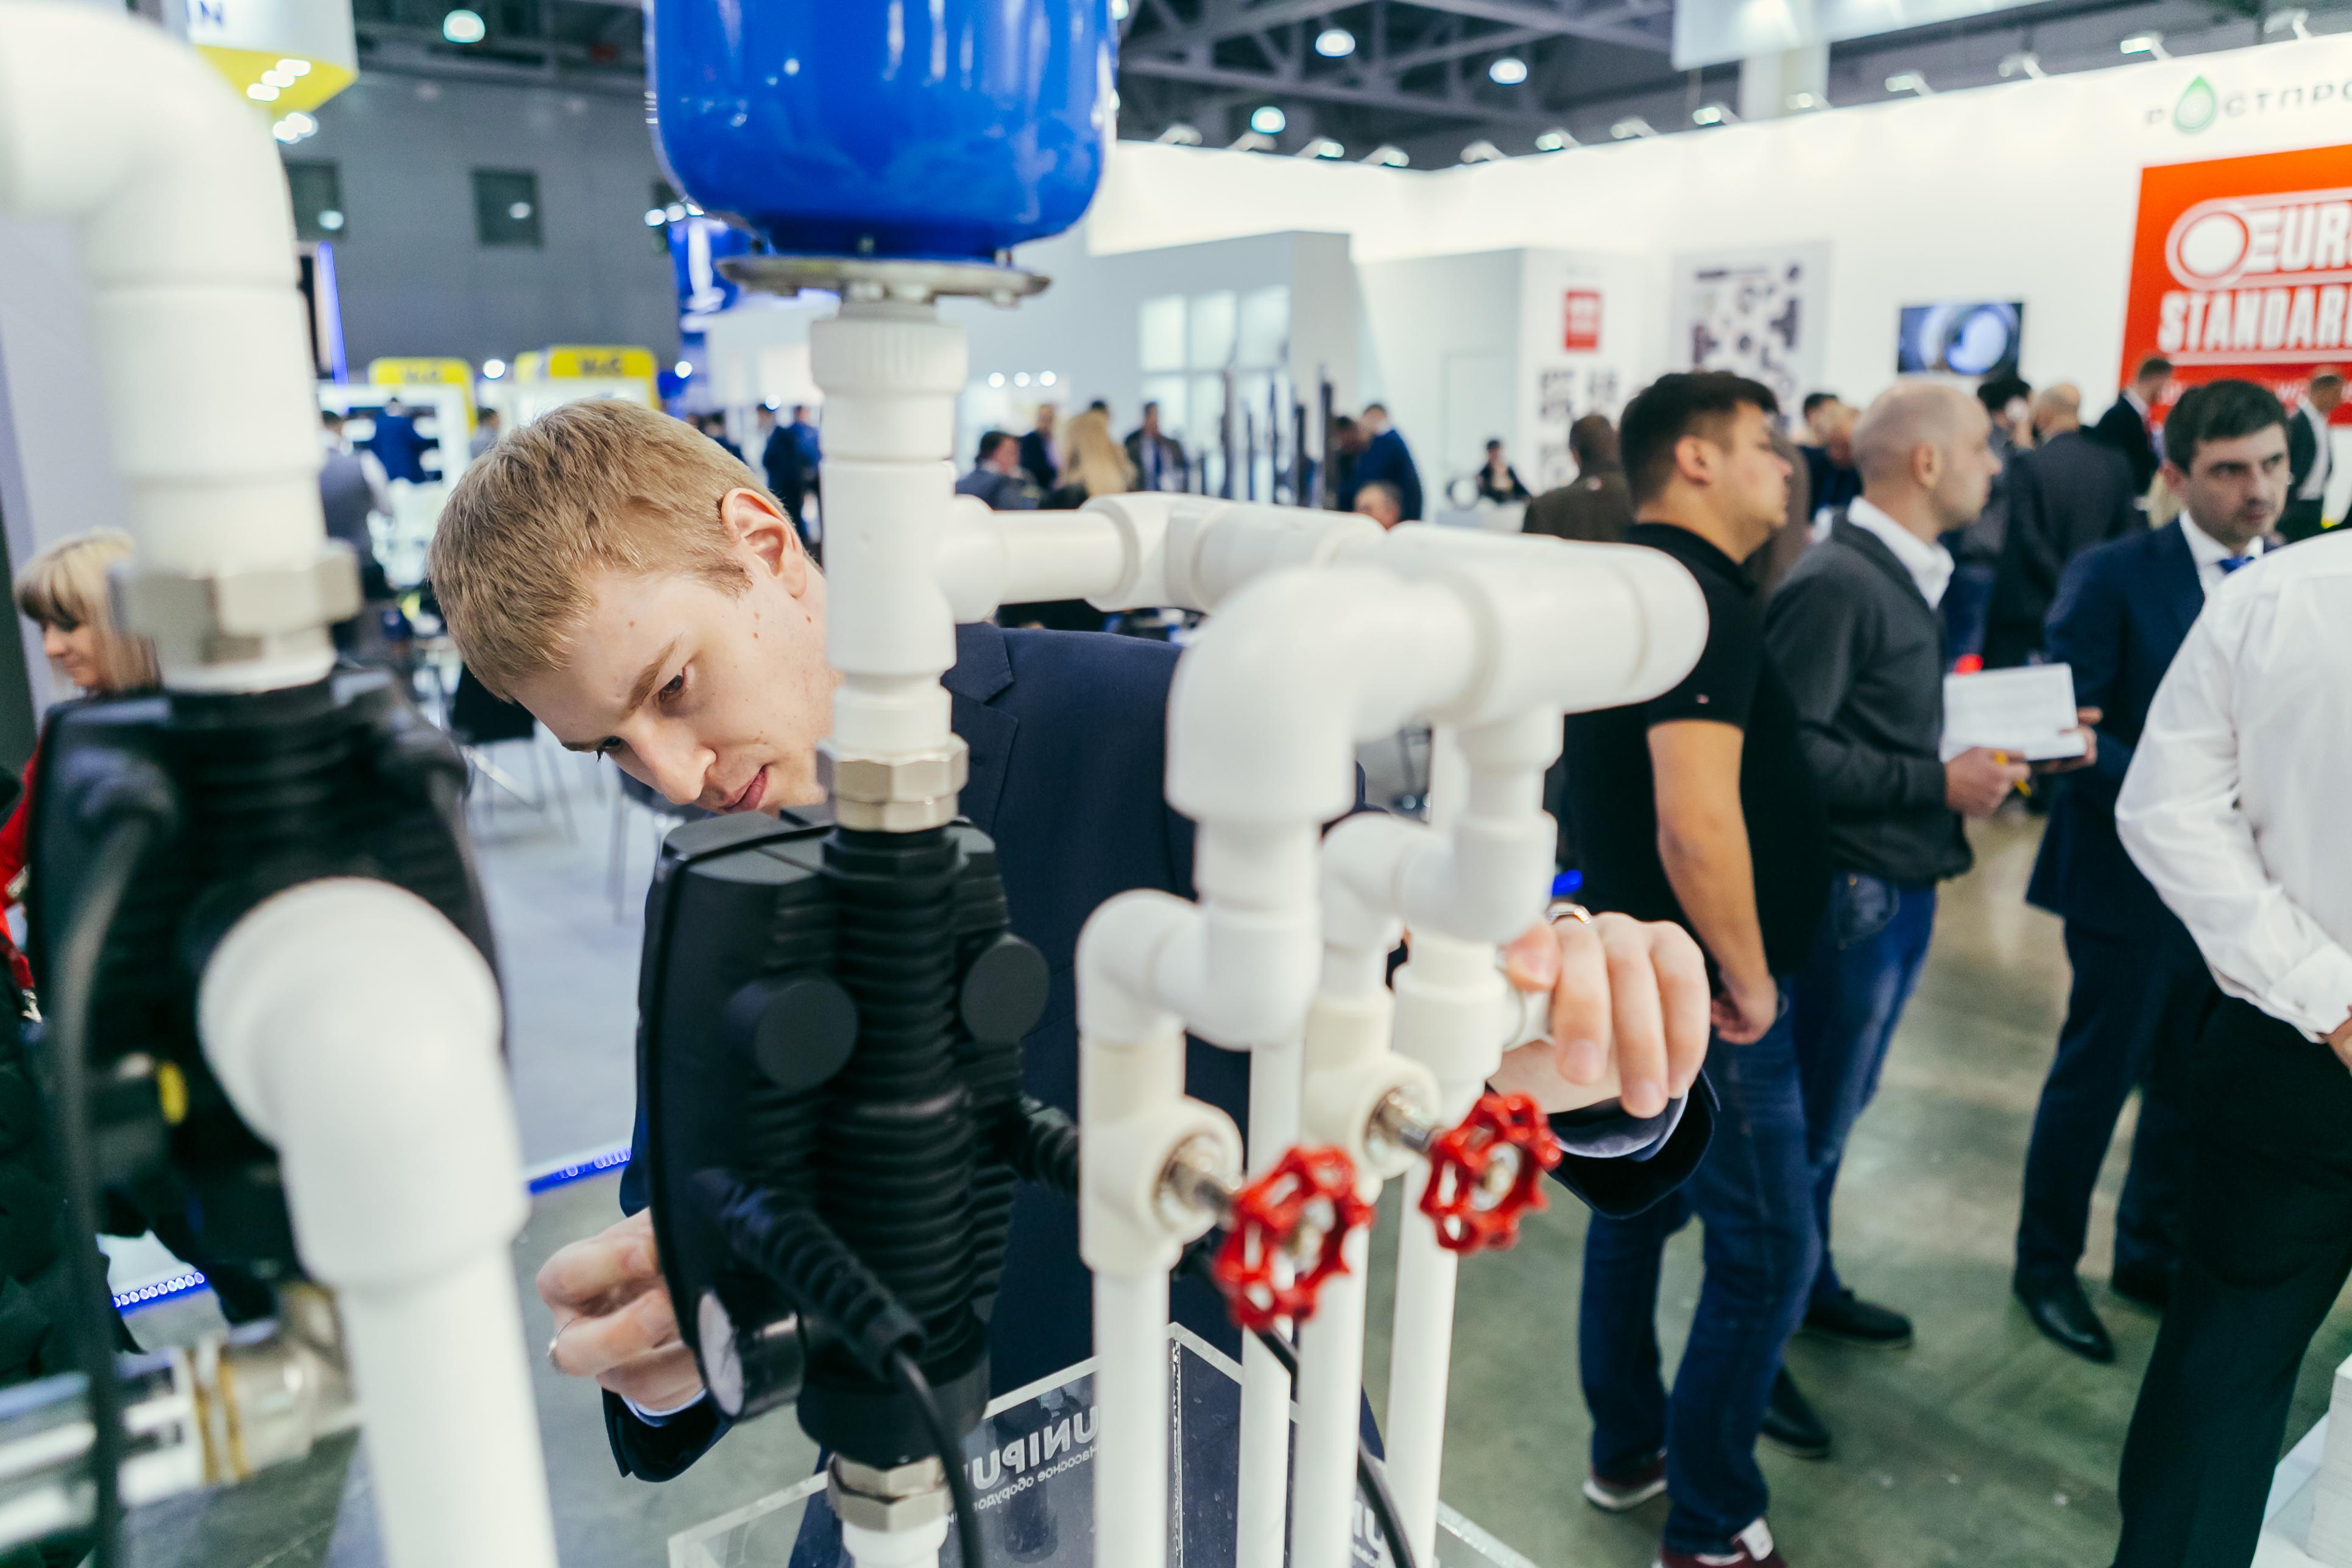 Интересуетесь новинками оборудования для отопления и водоснабжения, нужны новые поставщики? Aquatherm Moscow 2020 – ответ на все ваши вопросы